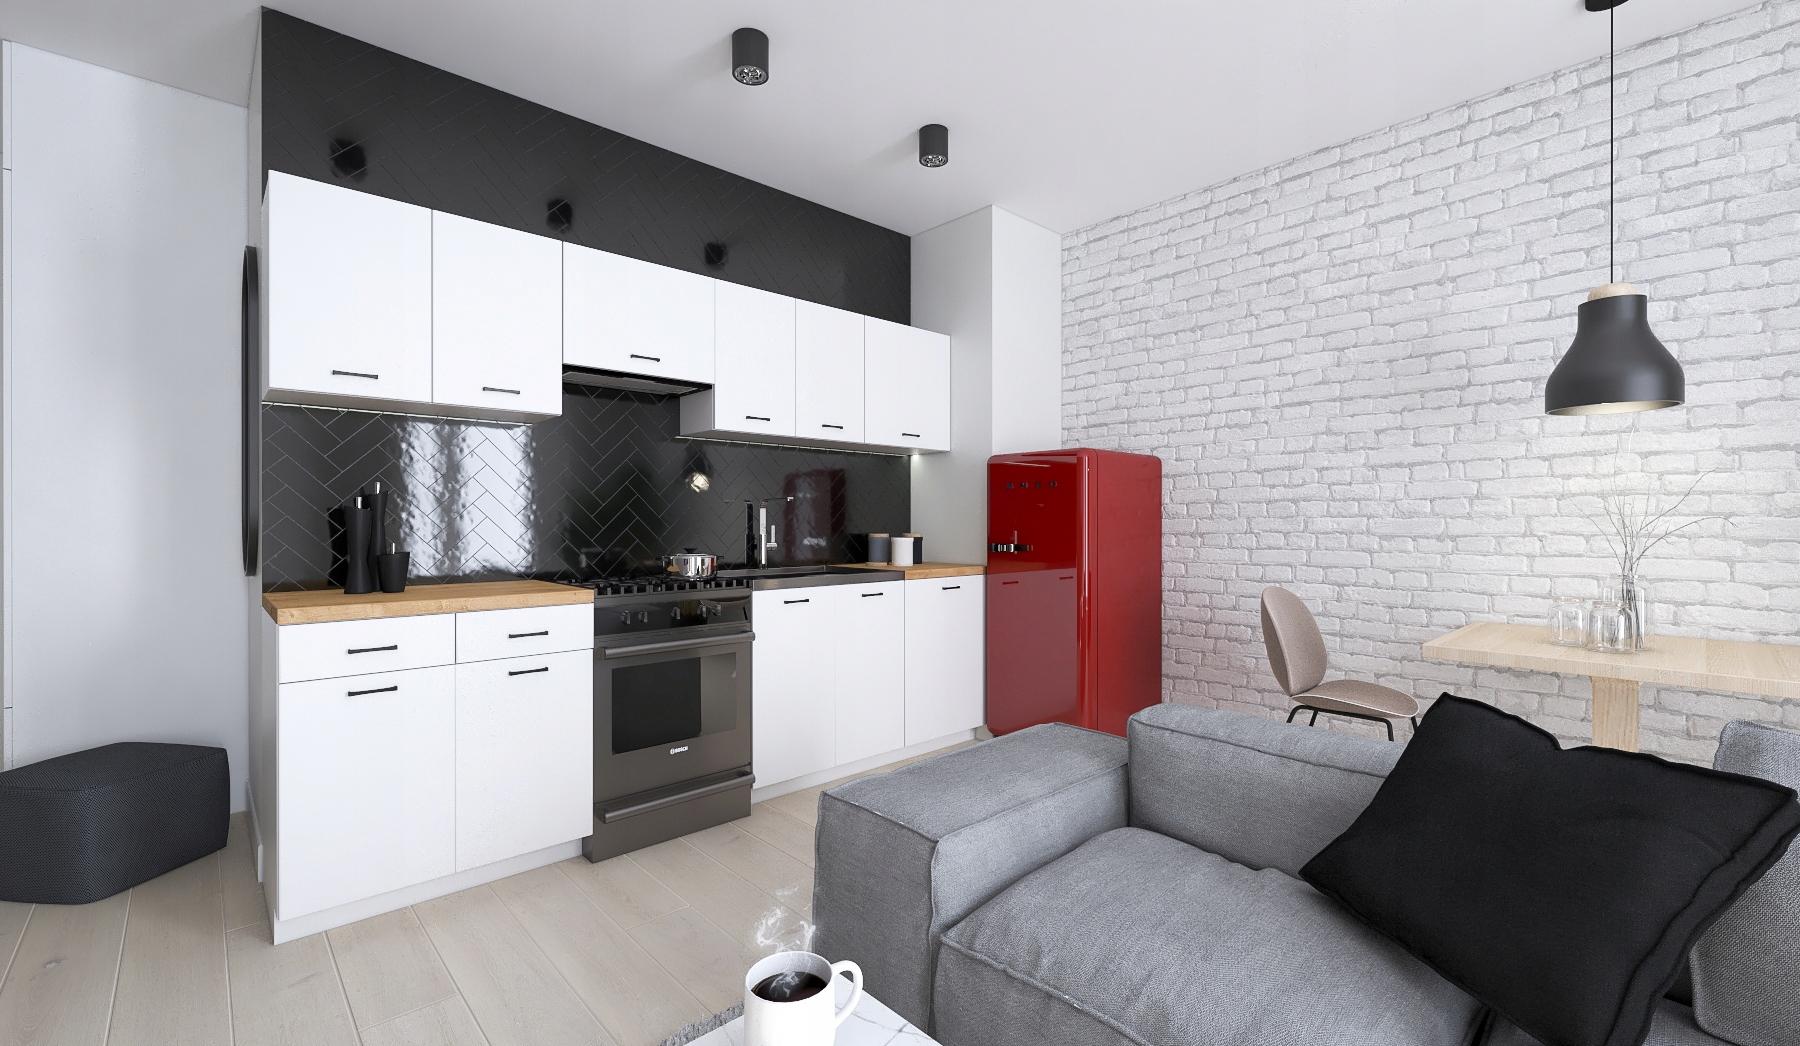 Кухонная мебель AGATA 2,4 м с БЕЛОЙ столешницей